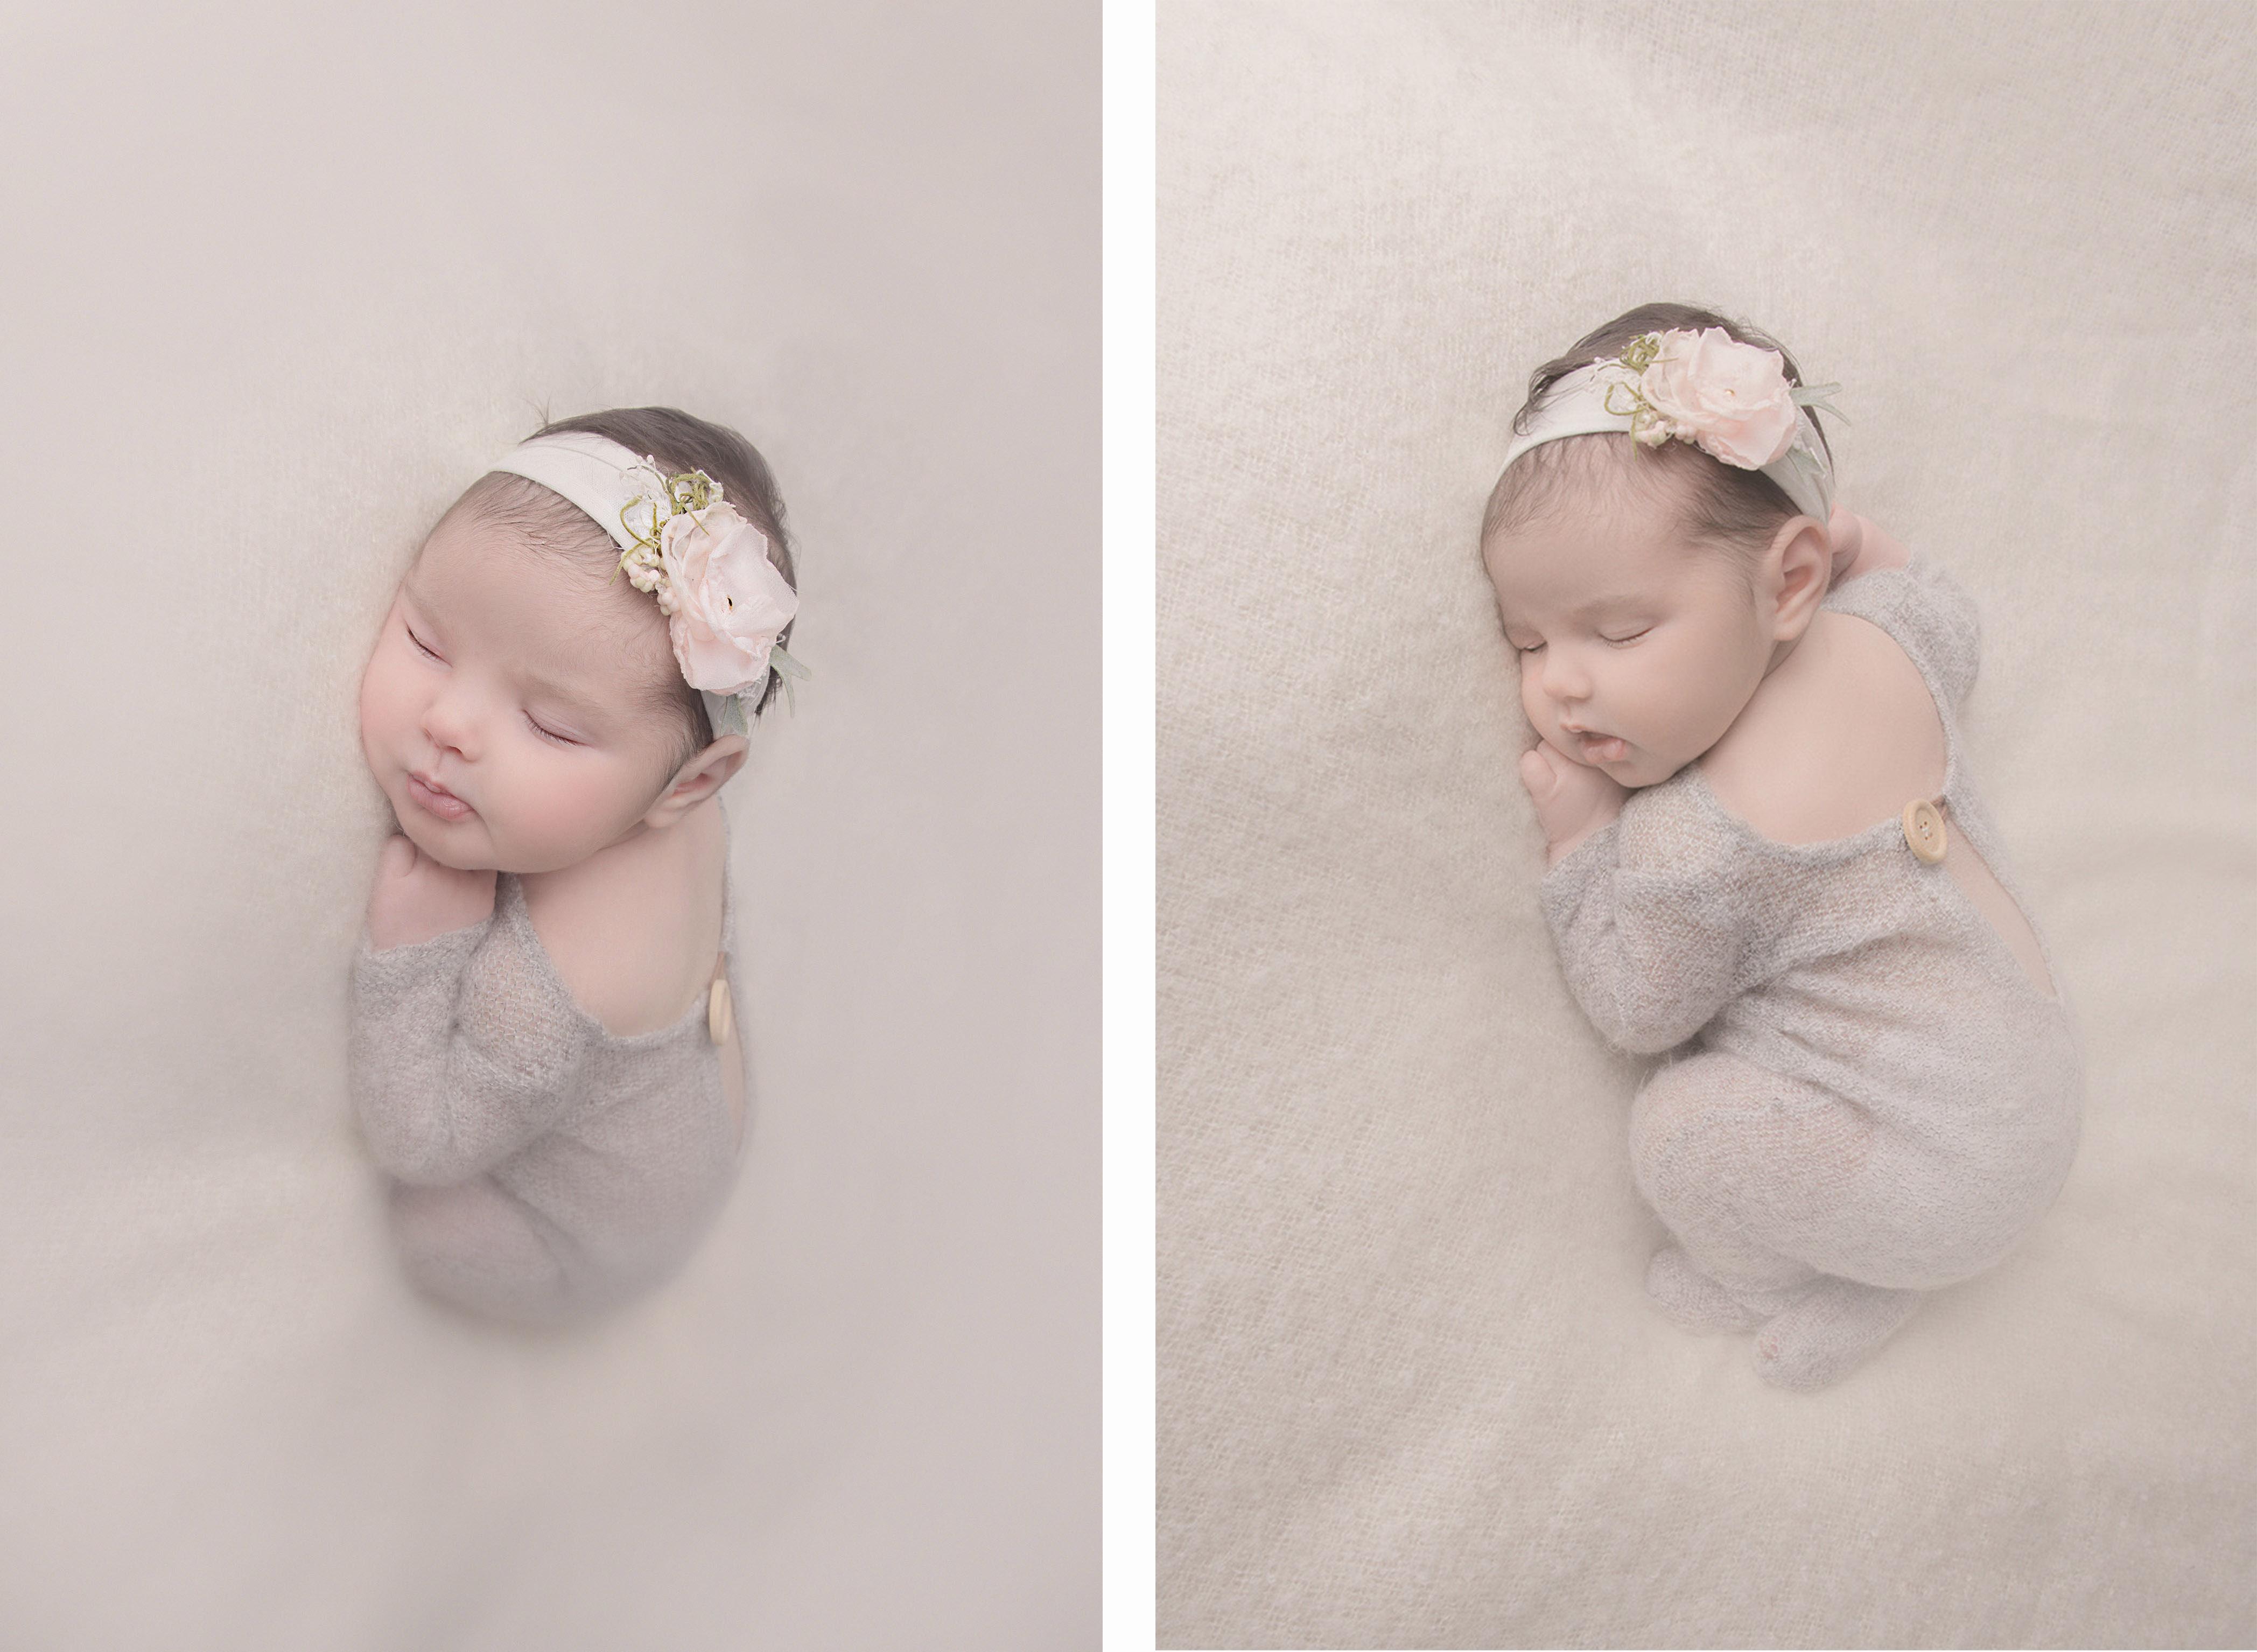 séance photo bébé en studio sur tourcoing photographe nord one moment photographie 59